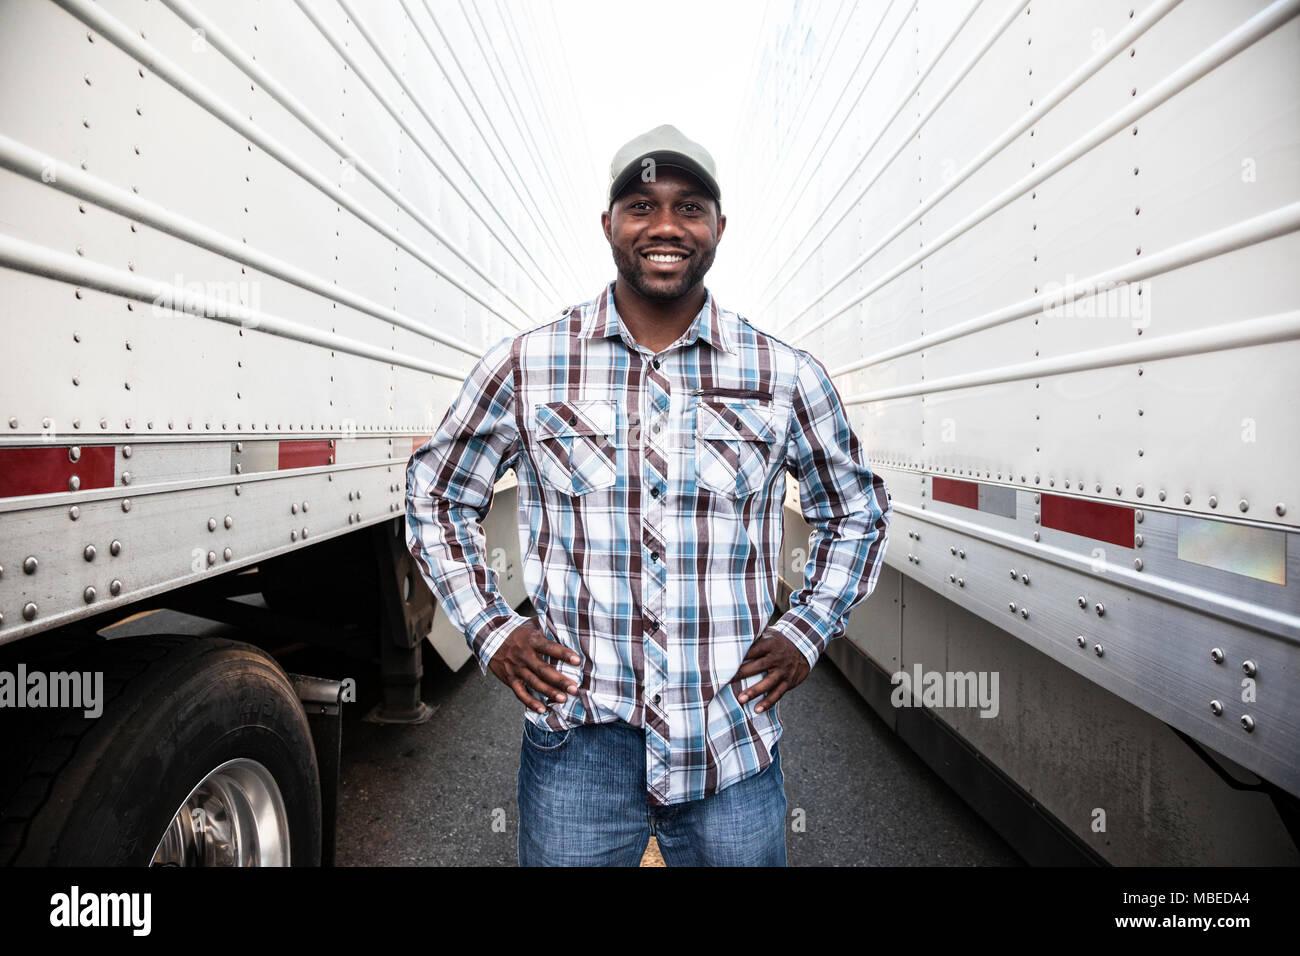 Un chauffeur de camion debout entre deux gros camions-remorques dans un parc, les mains sur les hanches, smiling, vêtements de travail Photo Stock